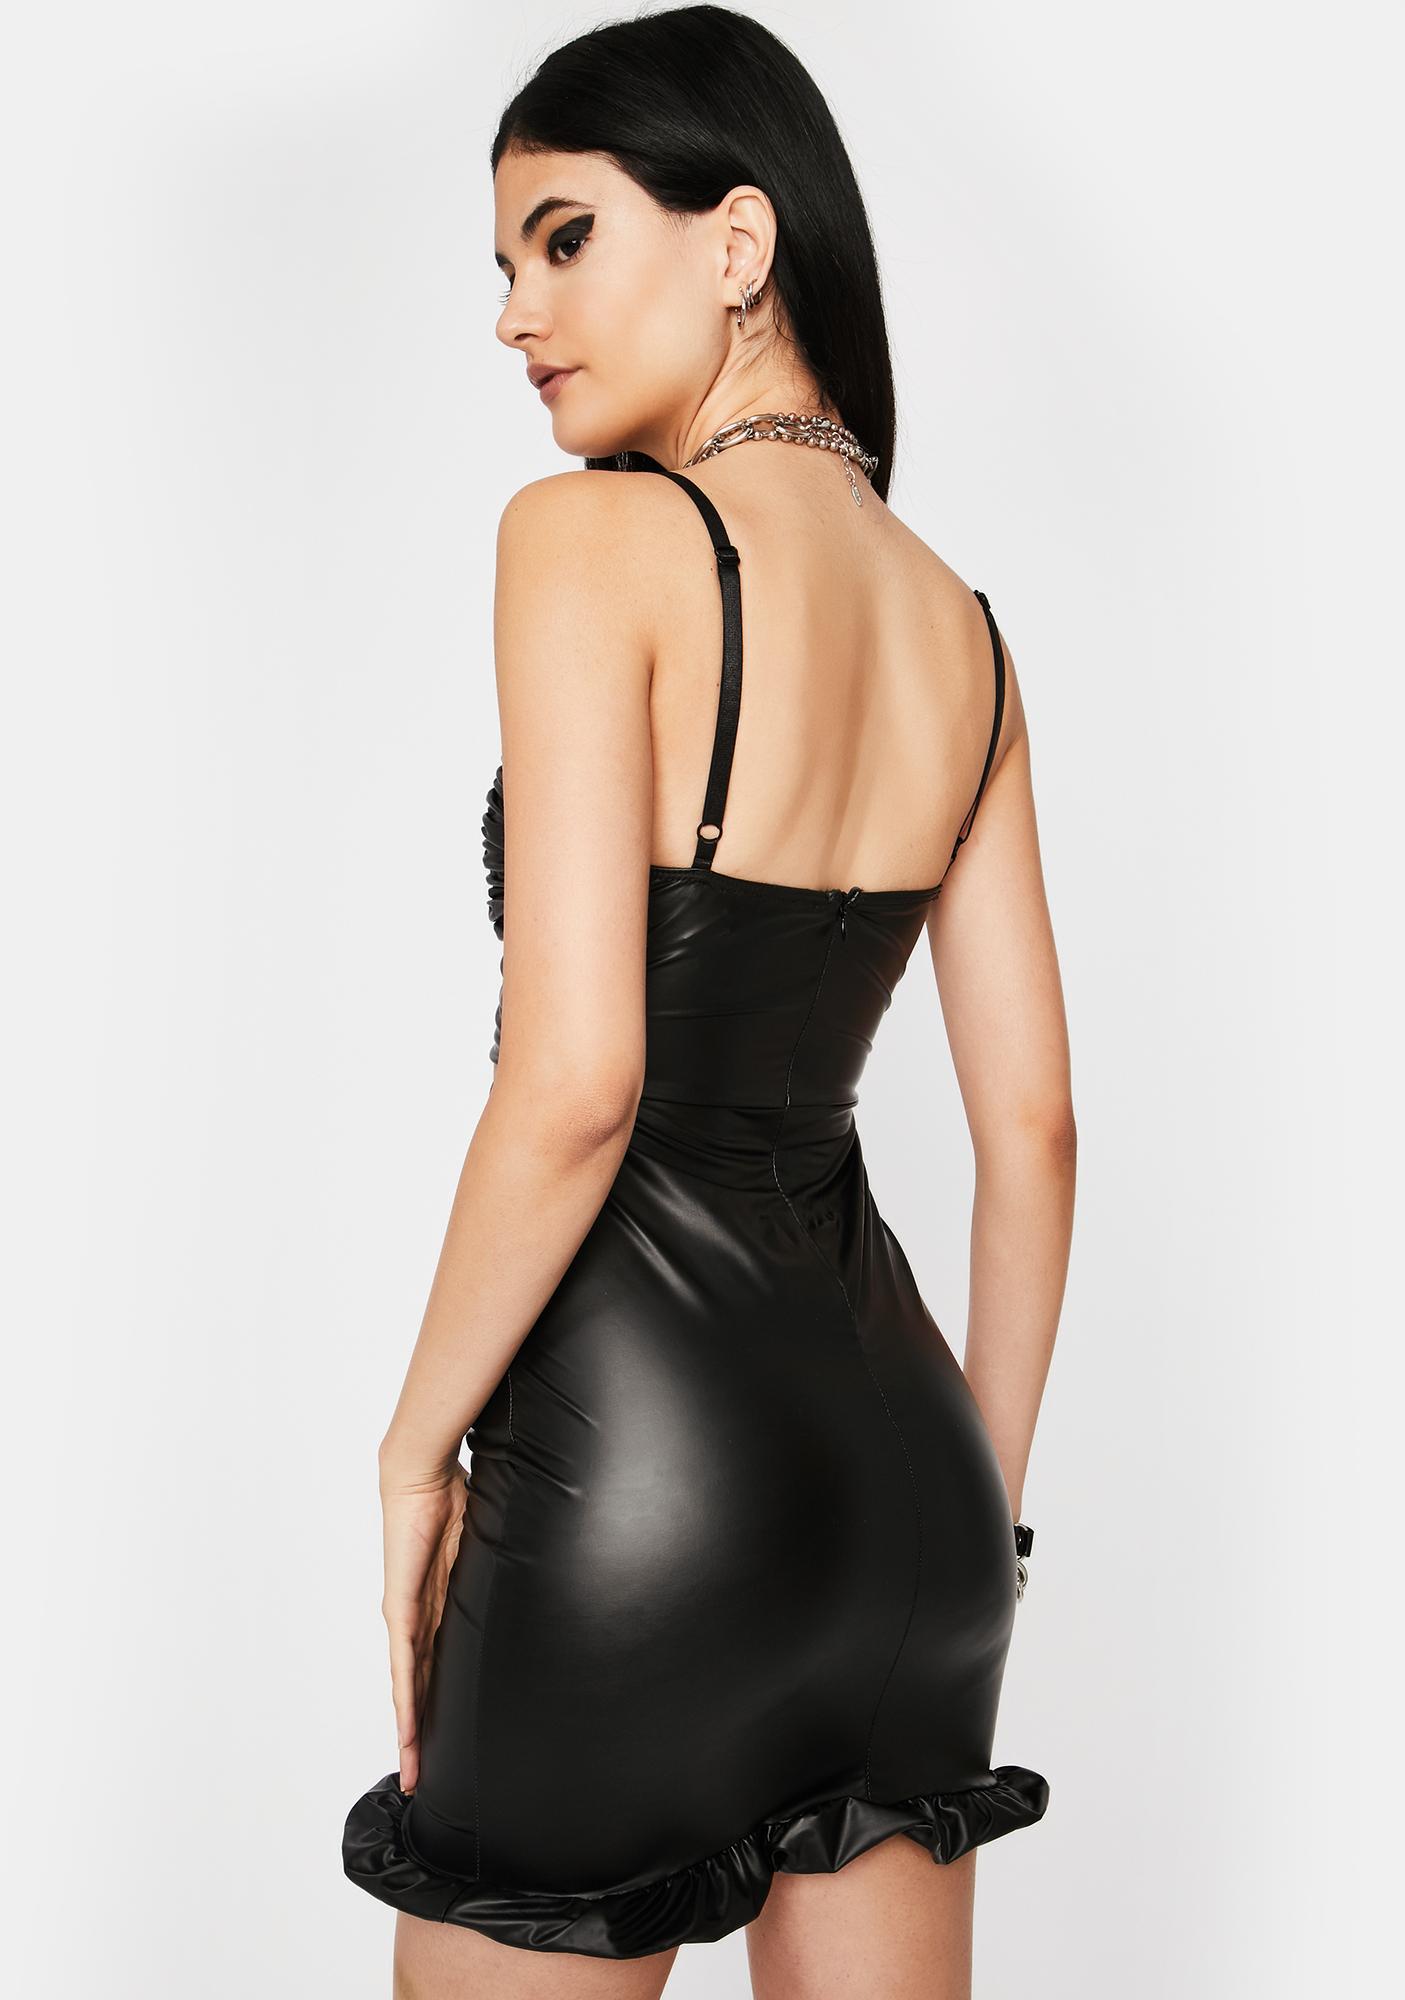 Dominatin' Desire Mini Dress